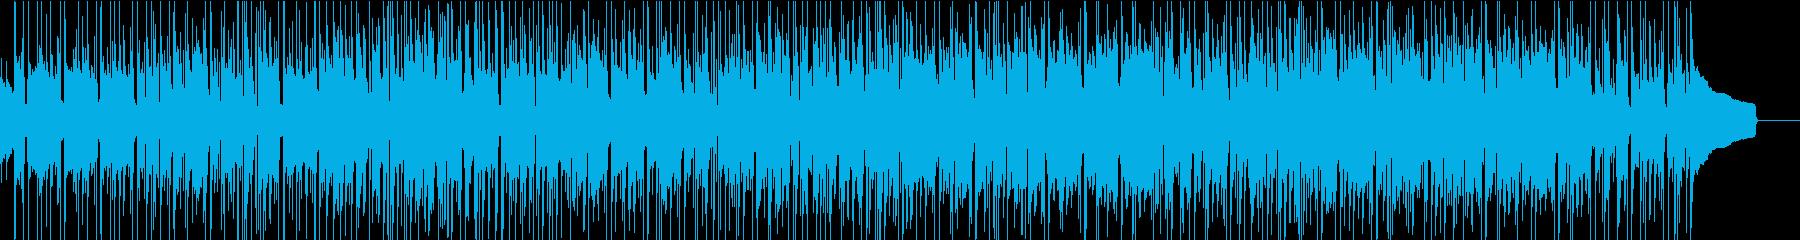 子猫の感情と動きをエレピソロで表現の再生済みの波形